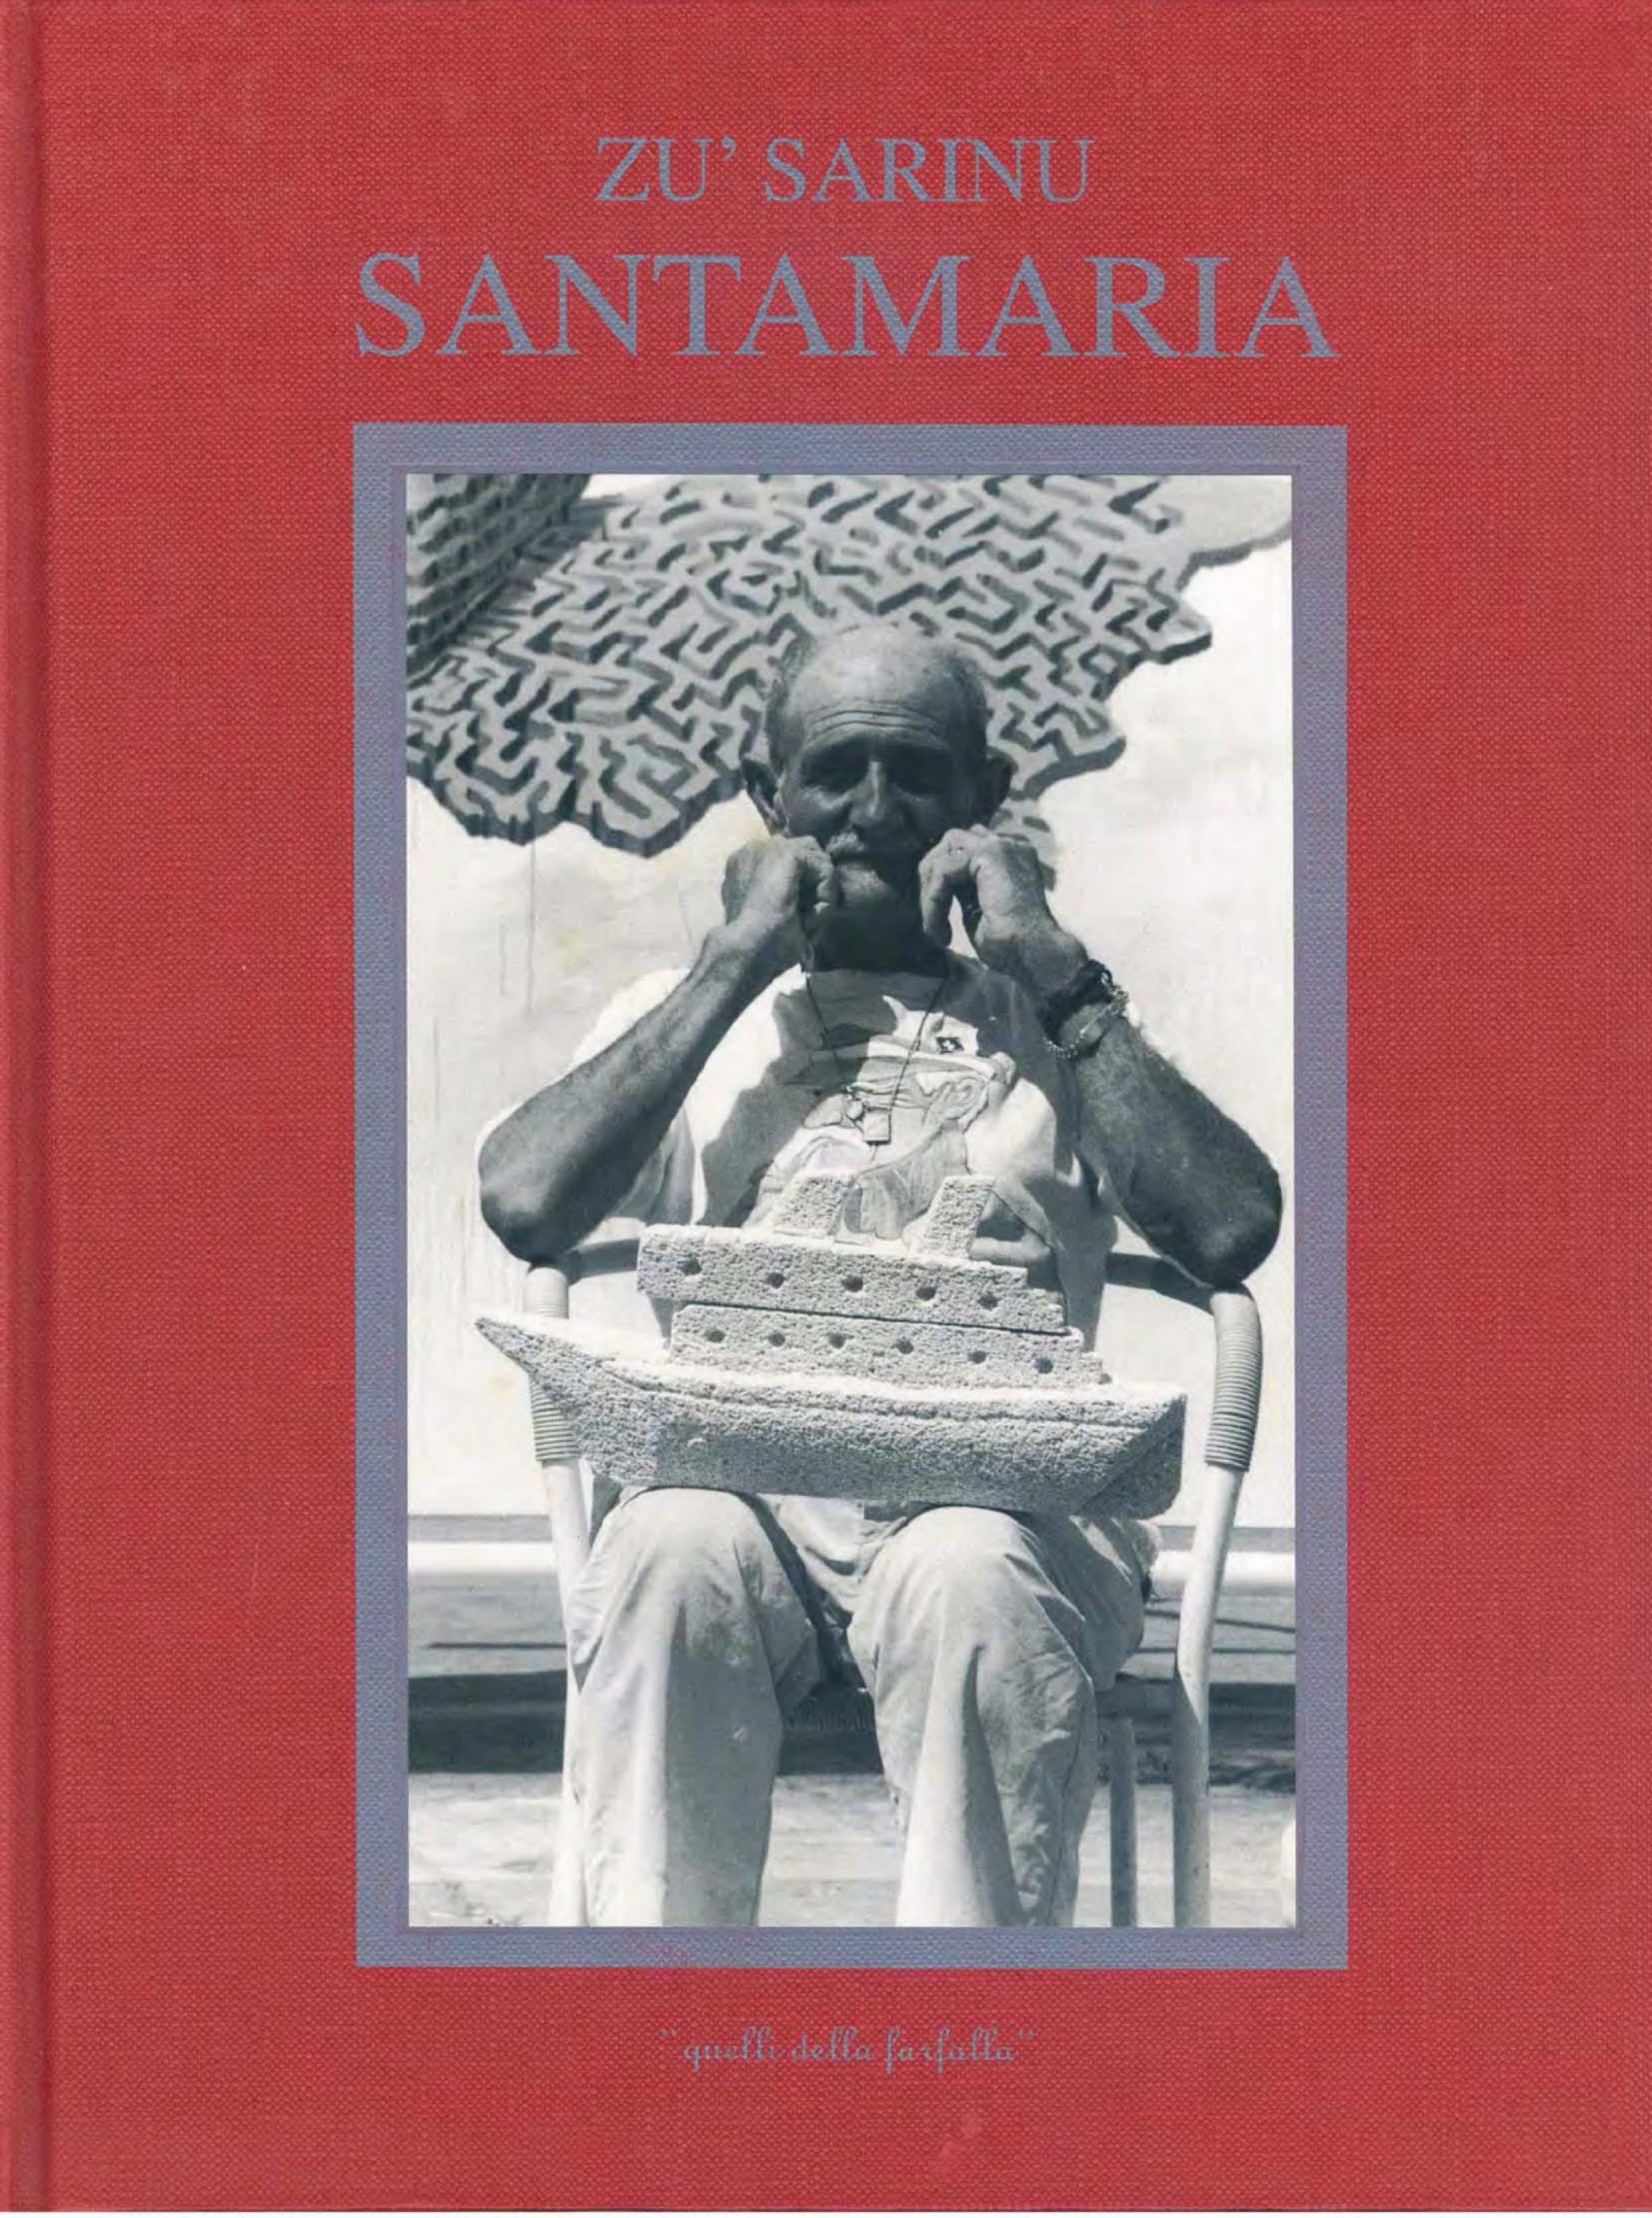 altra foto Zu' Sarinu Santamaria